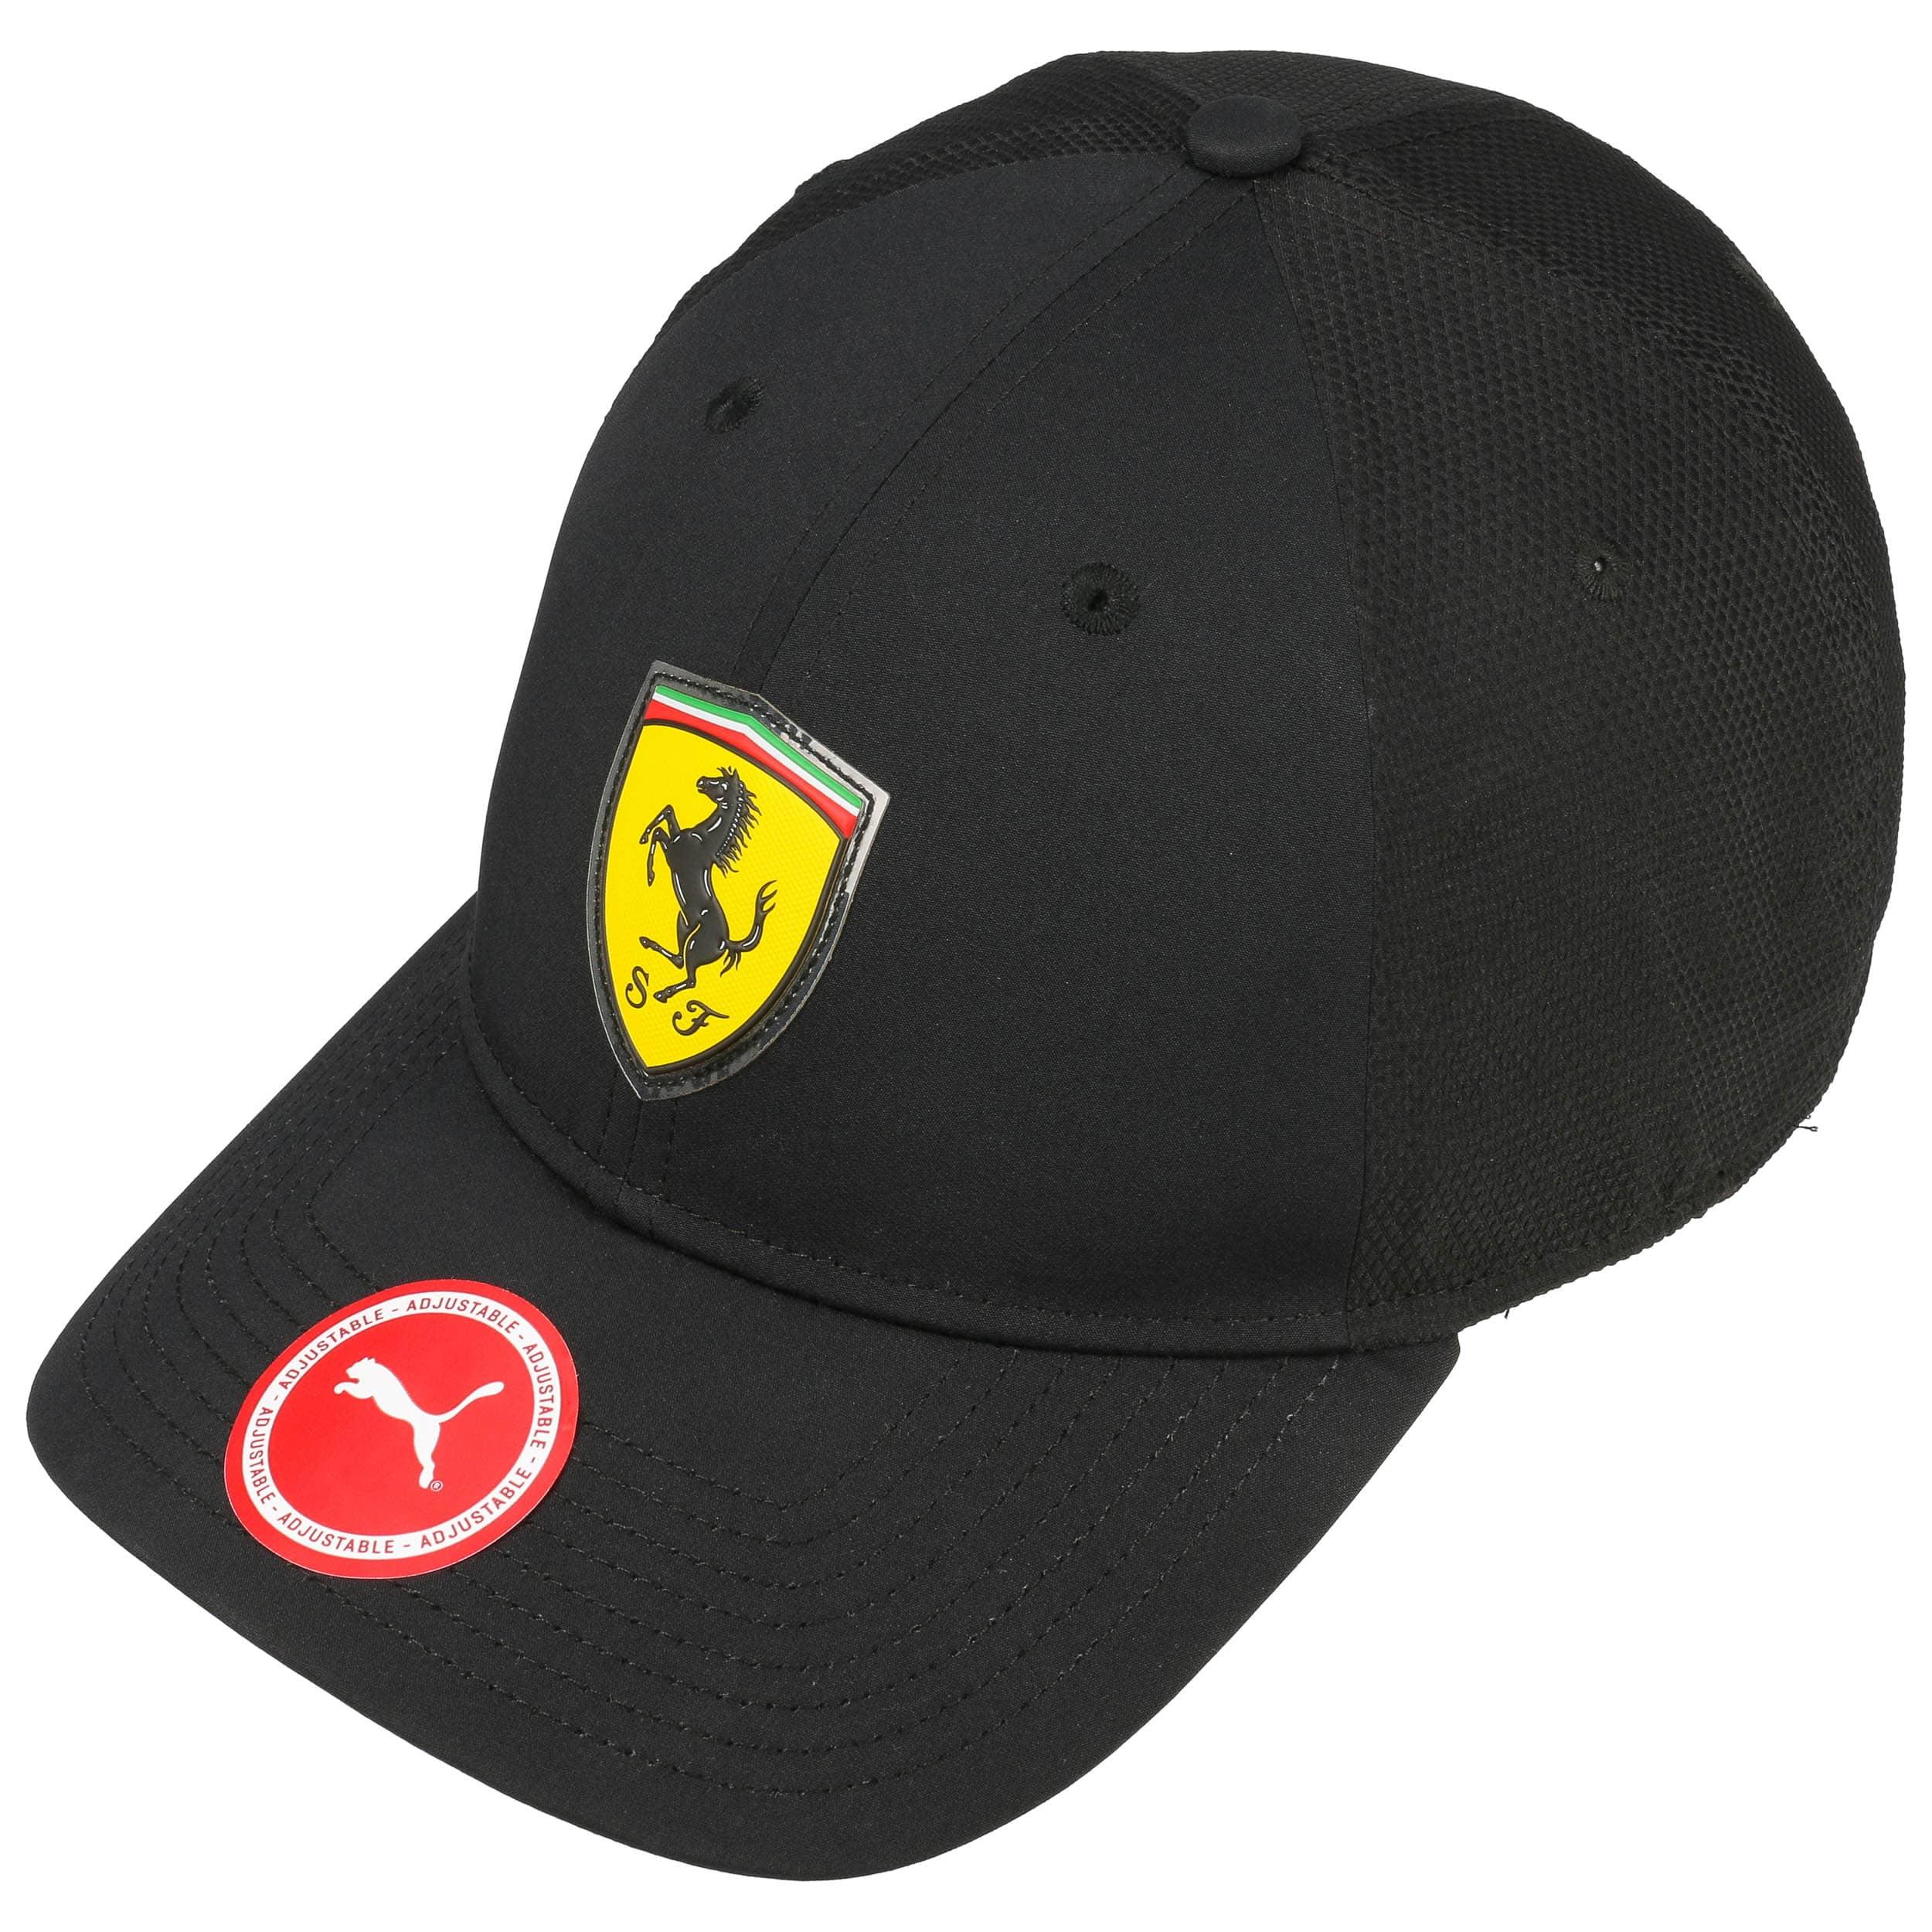 c52a9cec1b9629 ... Ferrari Fanwear Strapback Cap by PUMA - red 2 ...